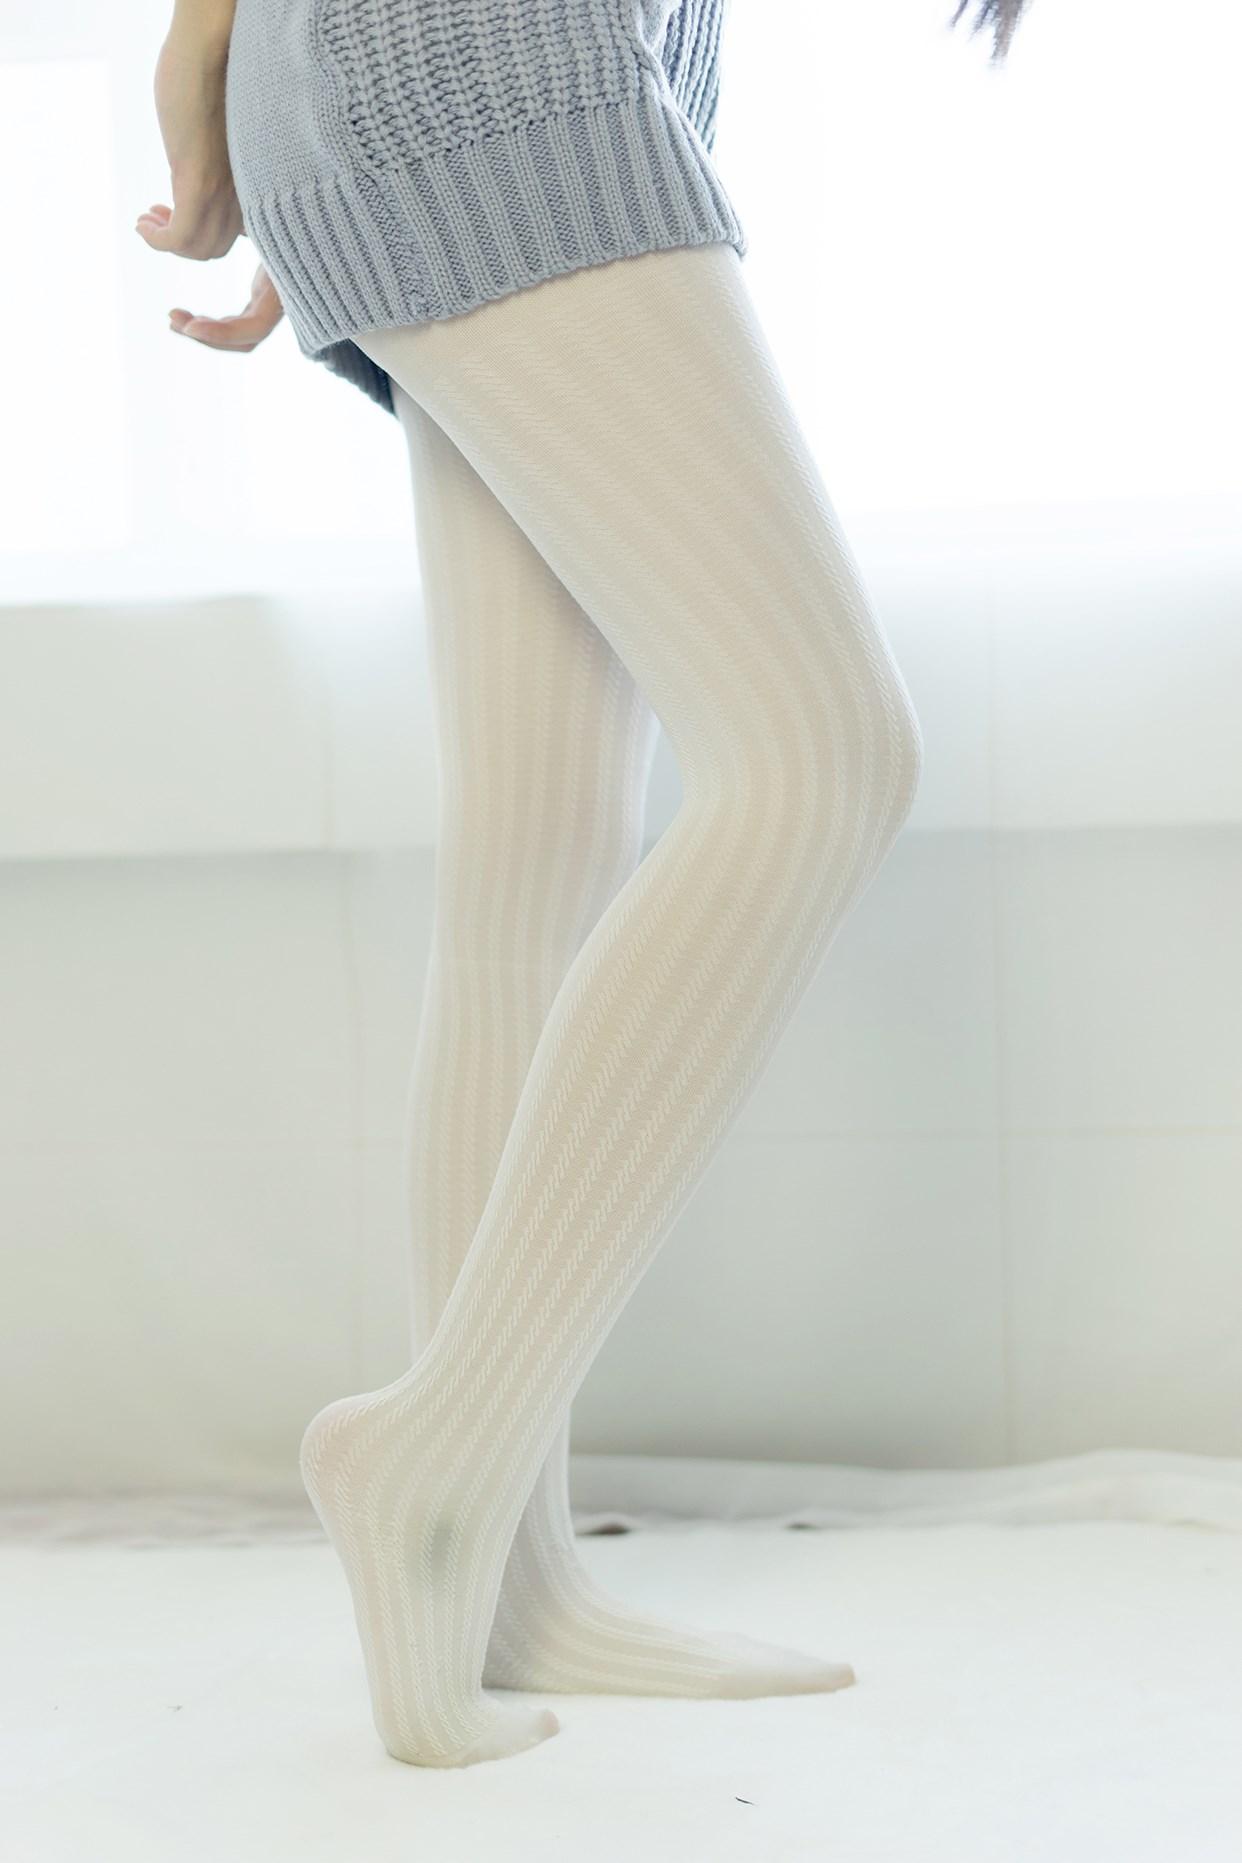 【兔玩映画】白丝袜你喜欢吗 兔玩映画 第38张